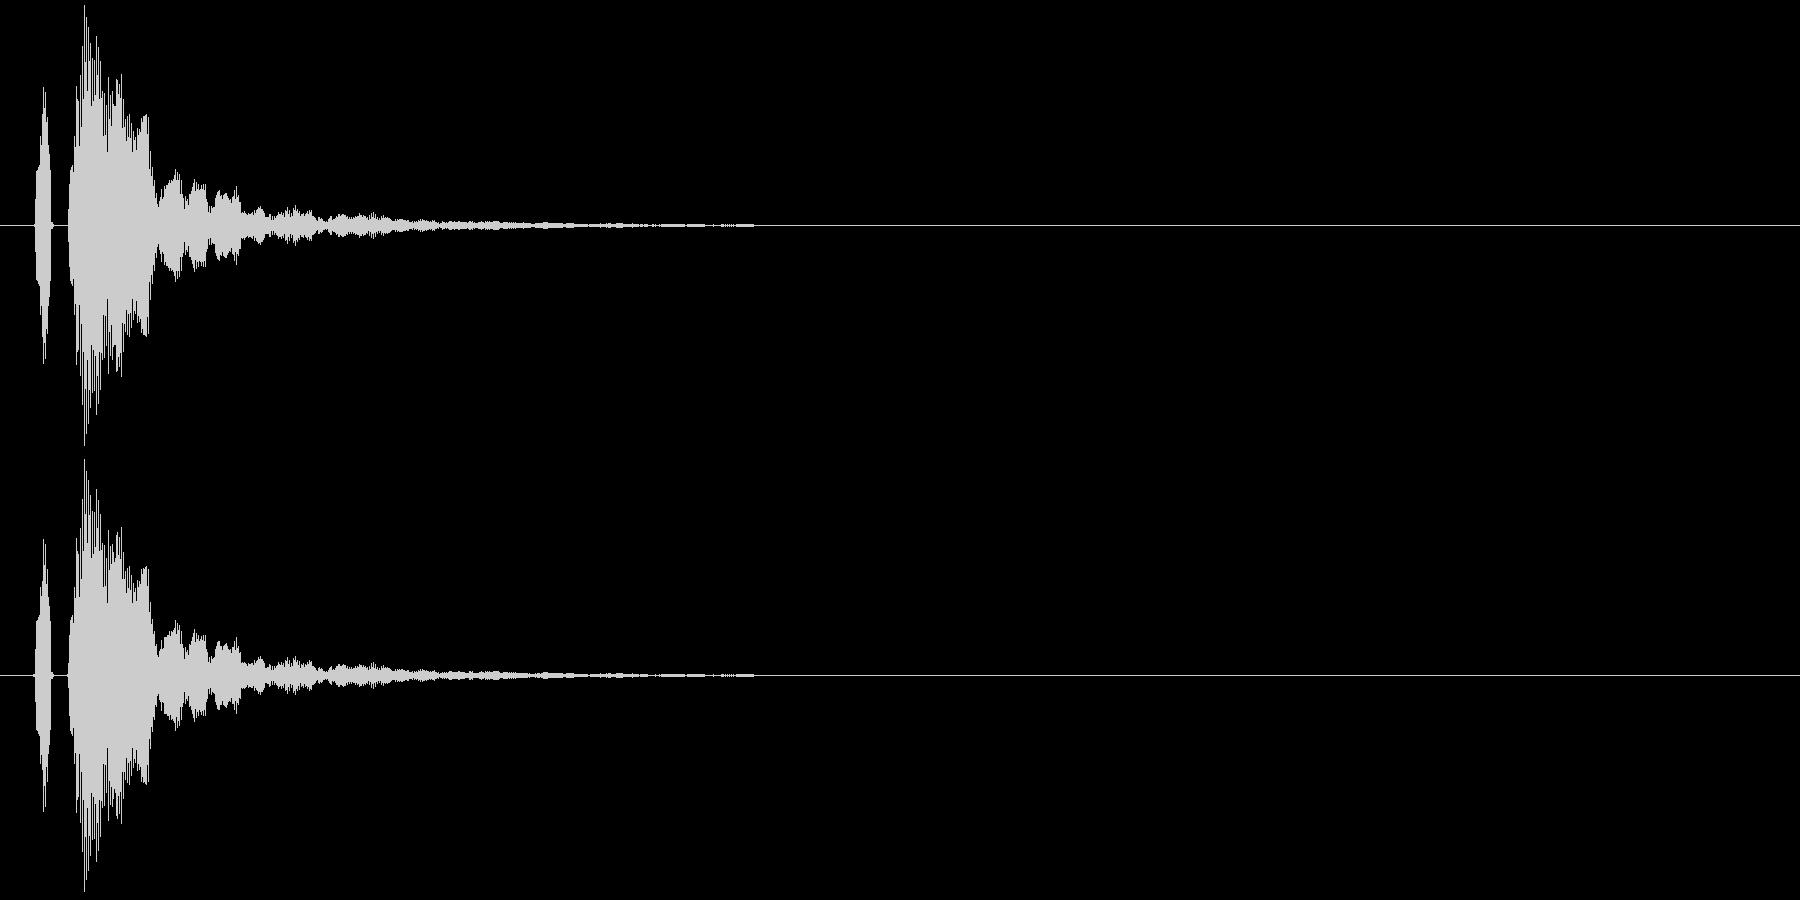 【ポン!】とてもリアルな太鼓の鼓!05の未再生の波形